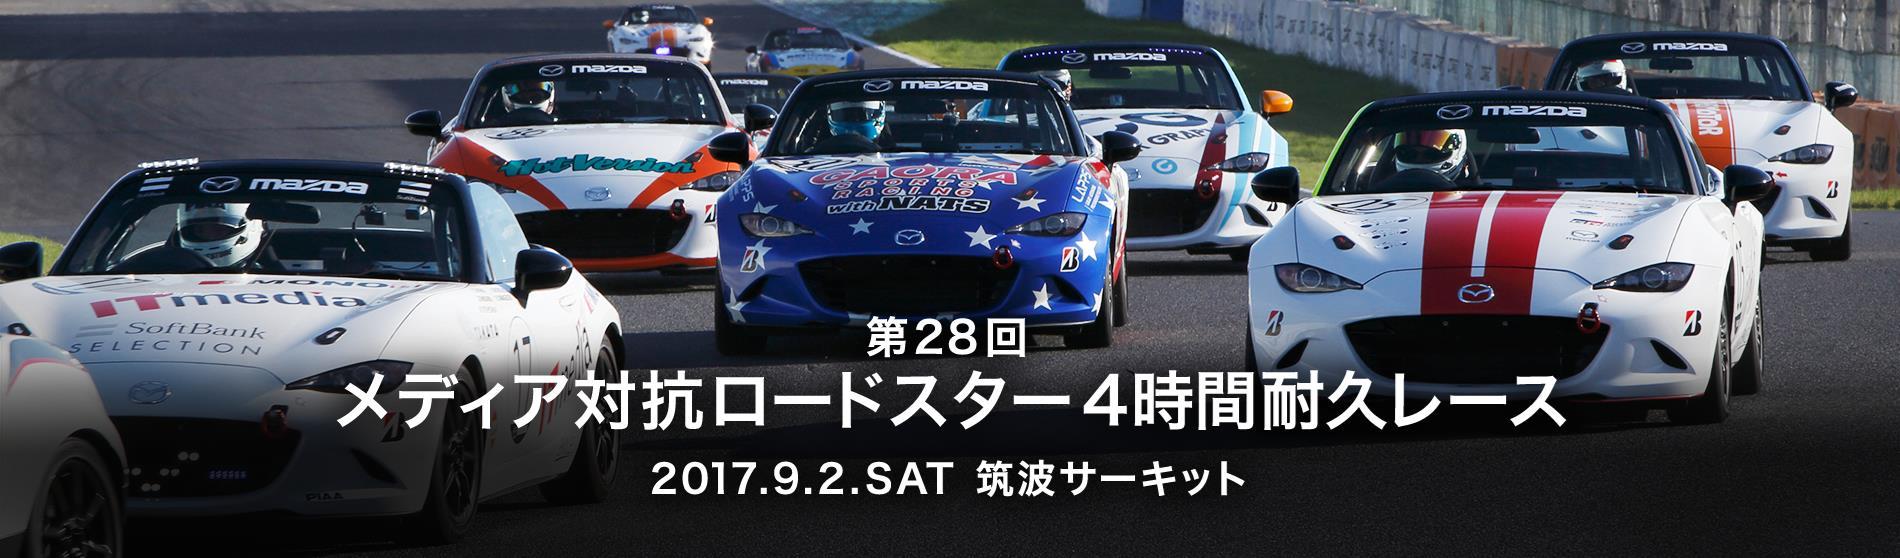 第28回 メディア対抗ロードスター4時間耐久レース 2017.9.2.SAT 筑波サーキット